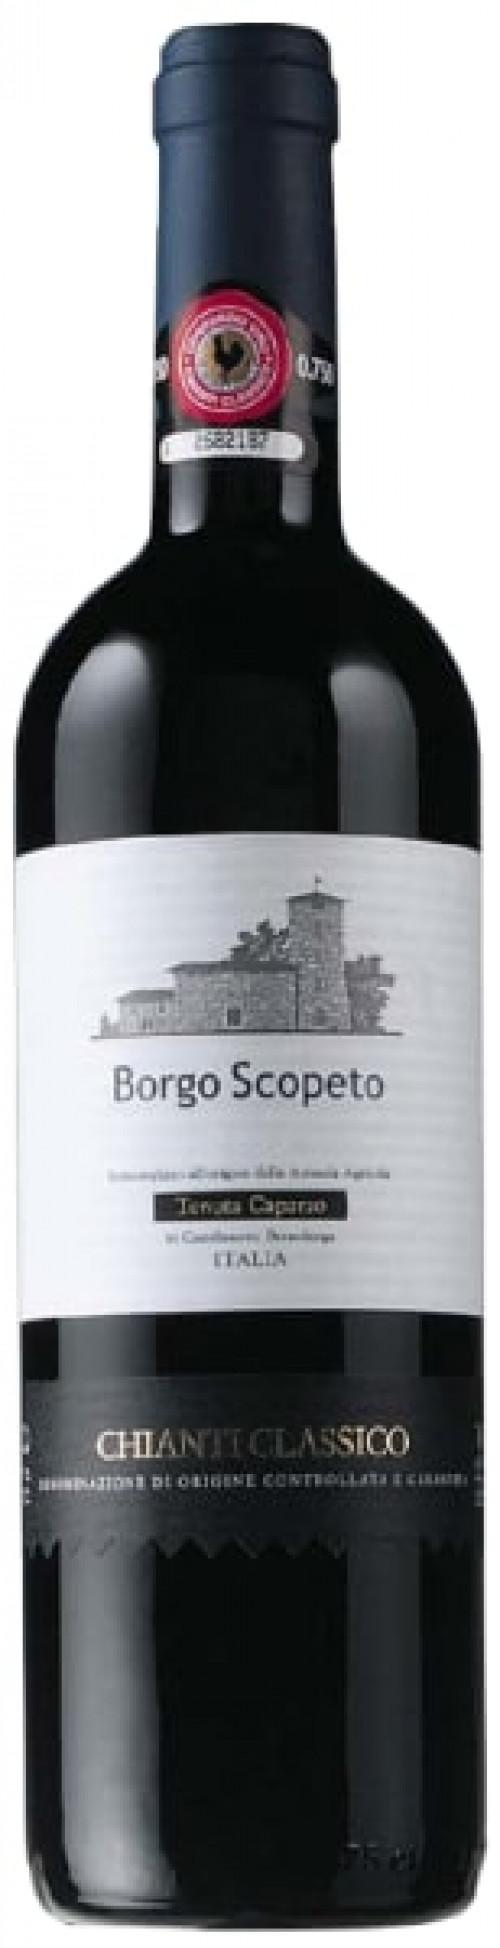 2017 Borgo Scopeto Chianti Classico 750ml